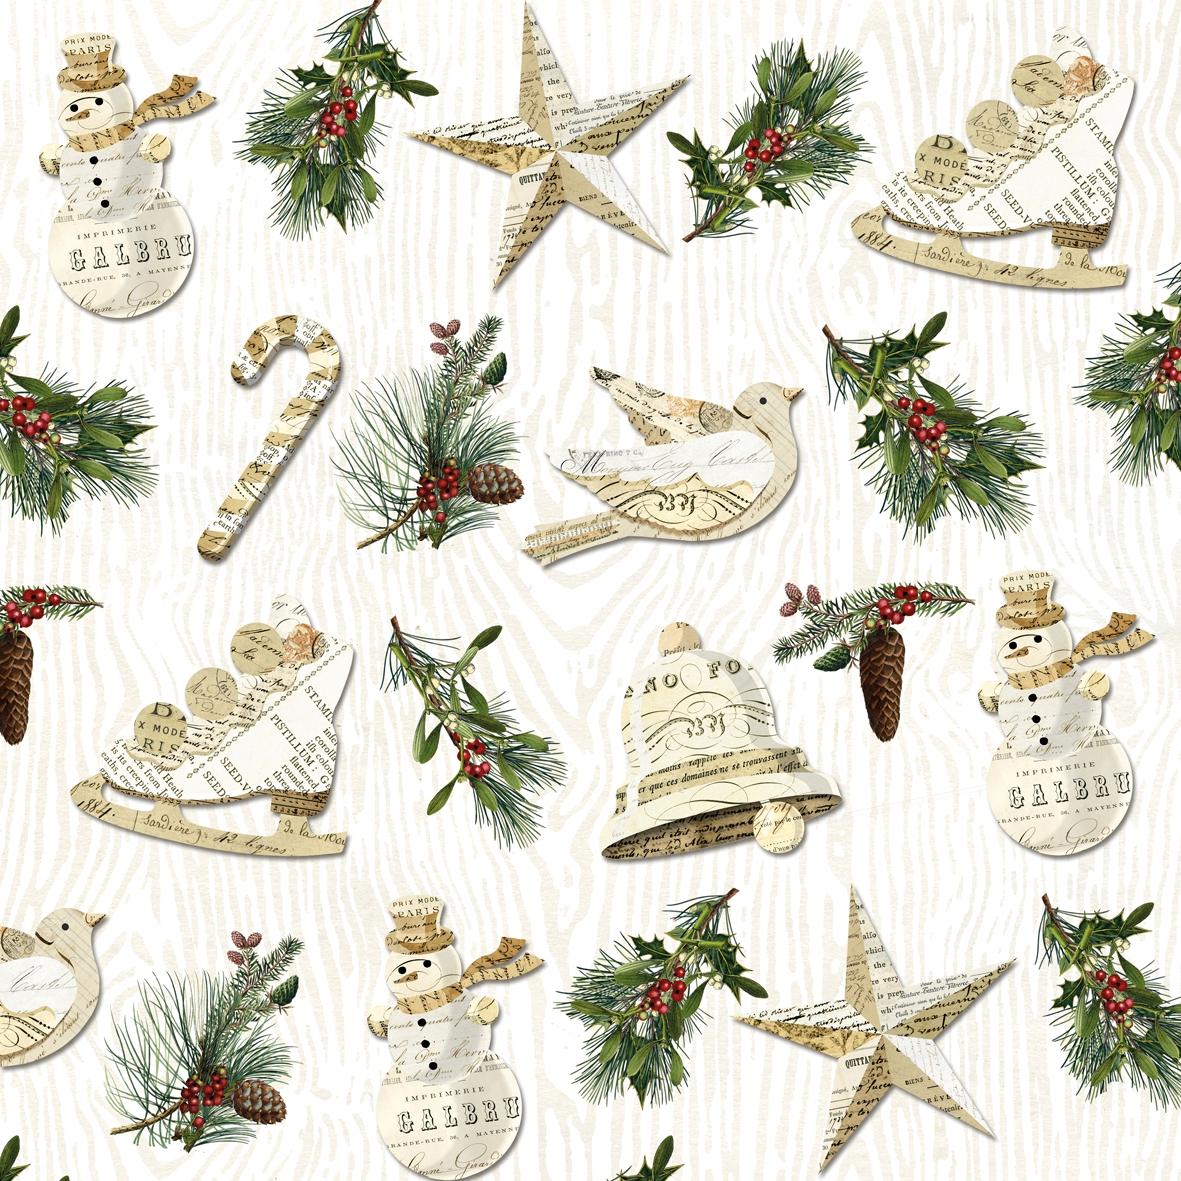 Servietten nach Jahreszeiten,  Weihnachten - Glocken,  Weihnachten,  cocktail servietten,  Glocken,  Schlittschuhe,  Sterne